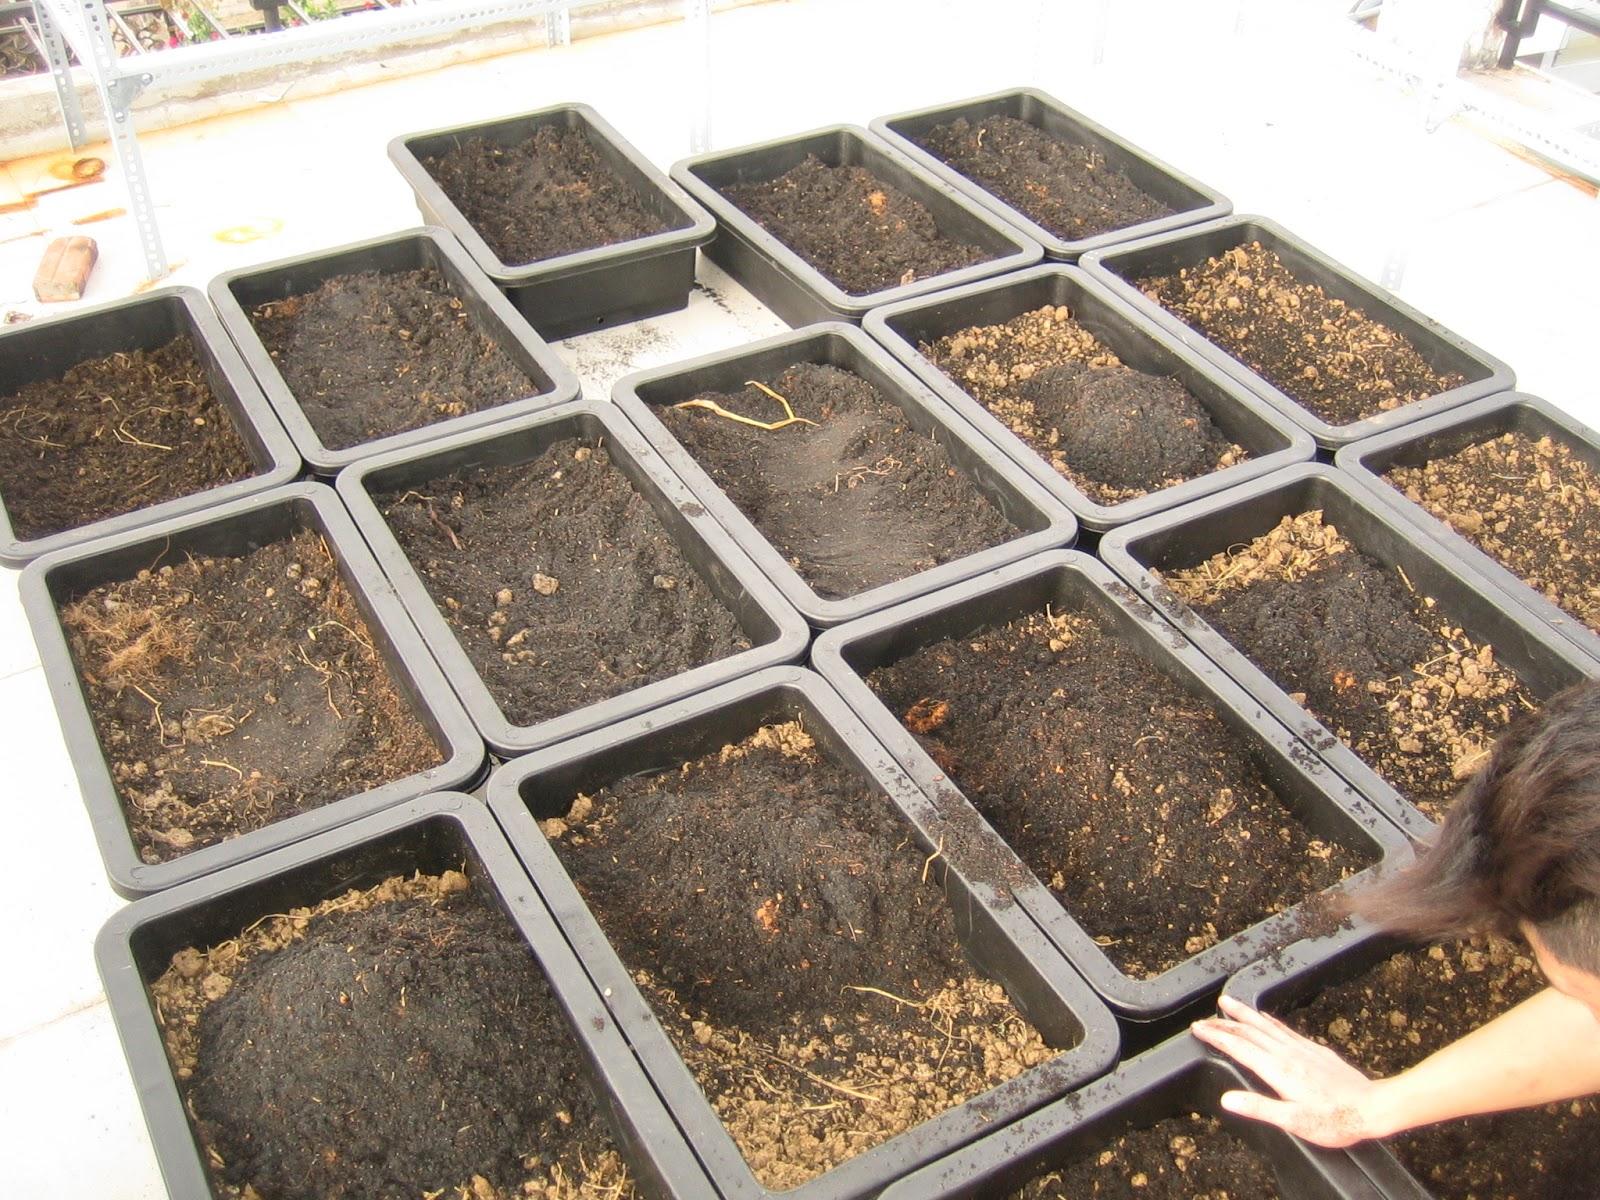 Hướng dẫn cách cải tạo đất trồng rau hiệu quả